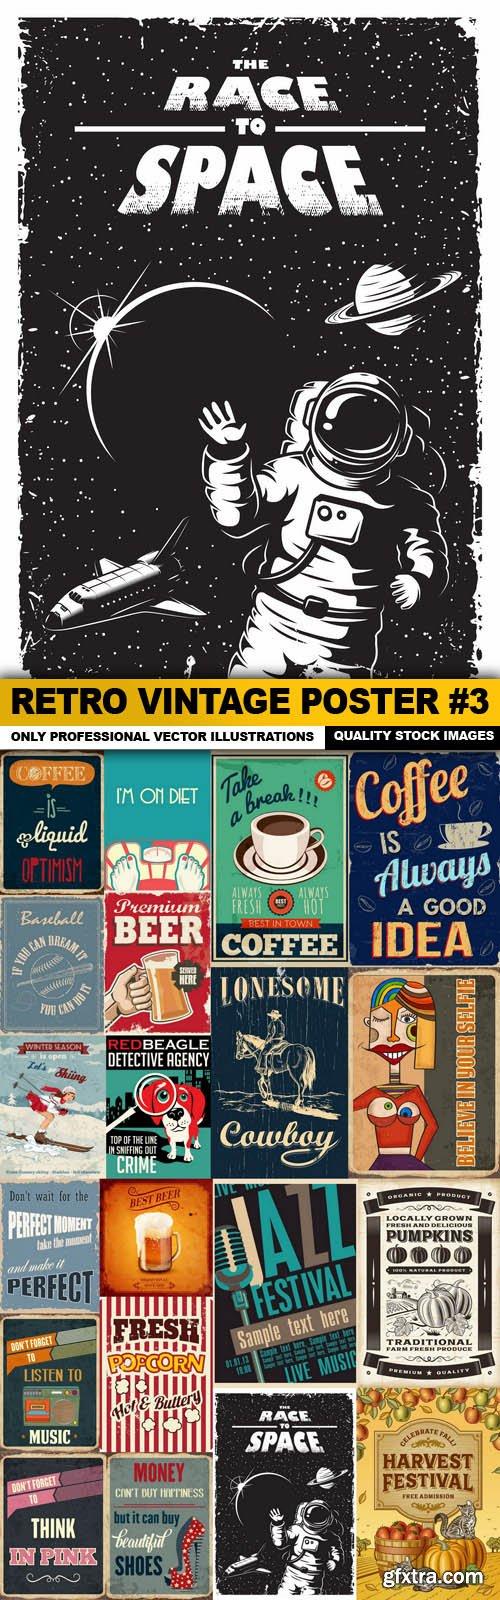 Retro Vintage Poster #3 - 20 Vector